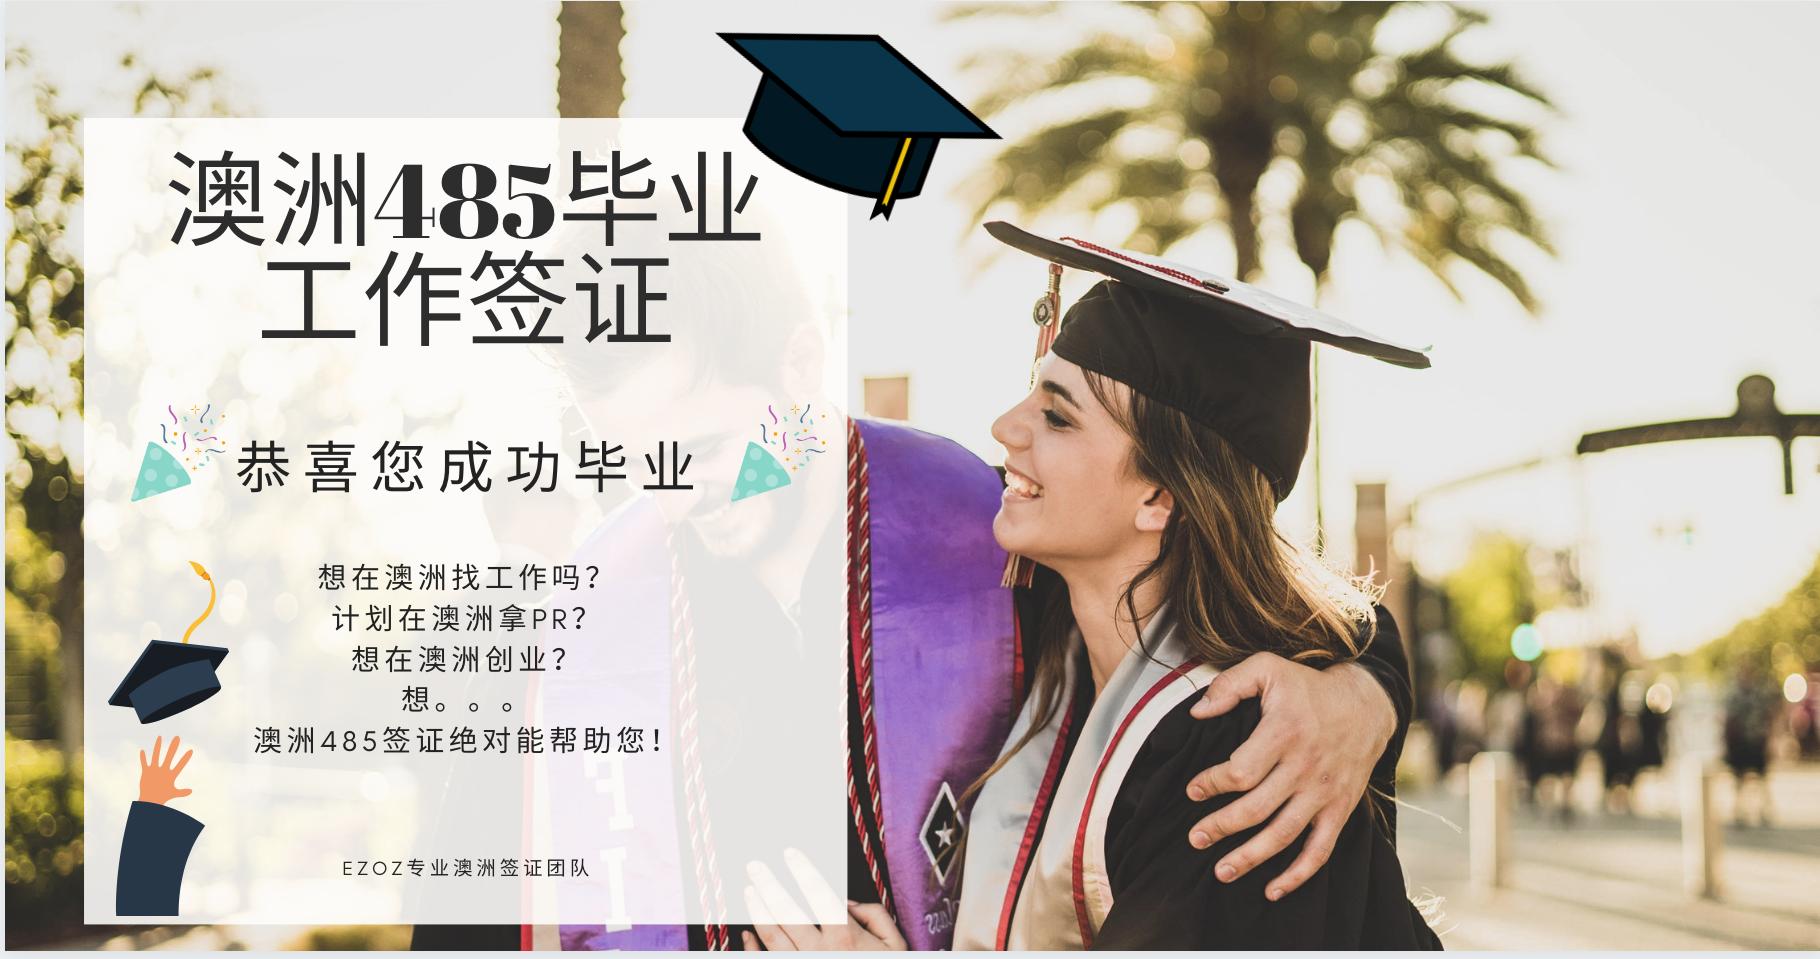 申请澳洲485毕业签证